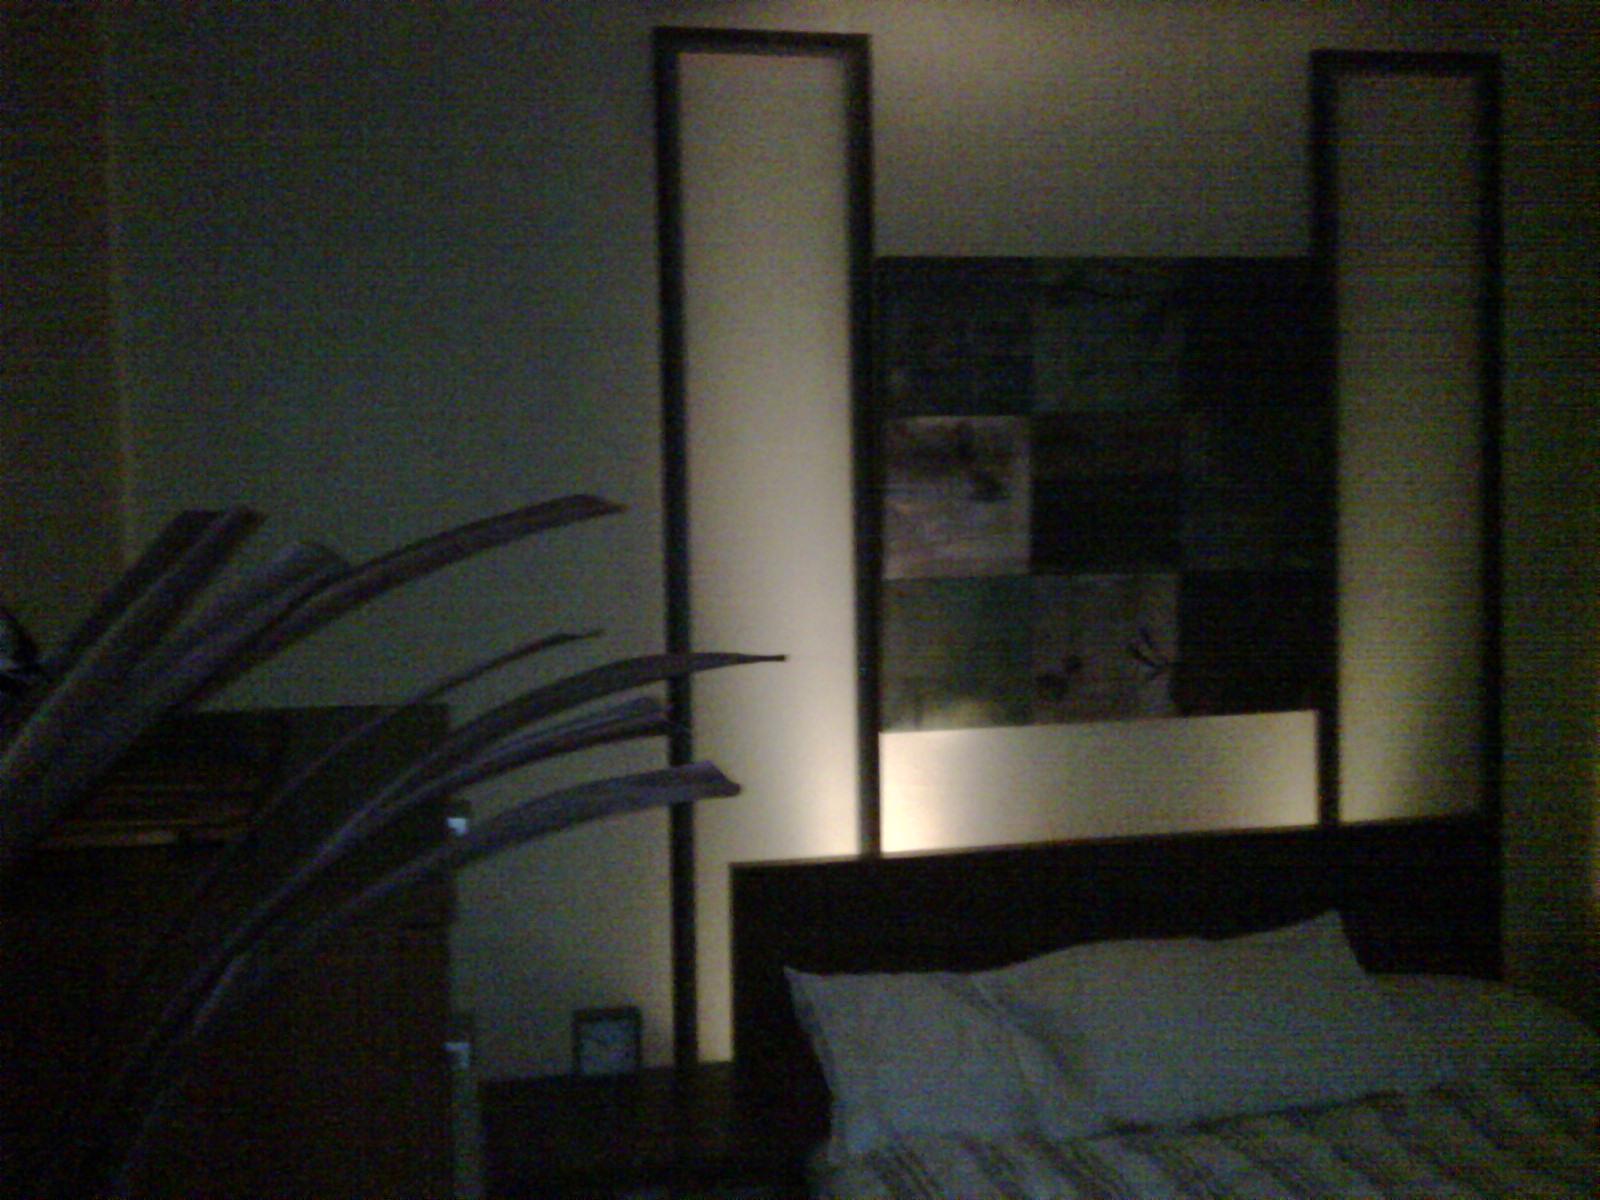 Lights camera bedroom action